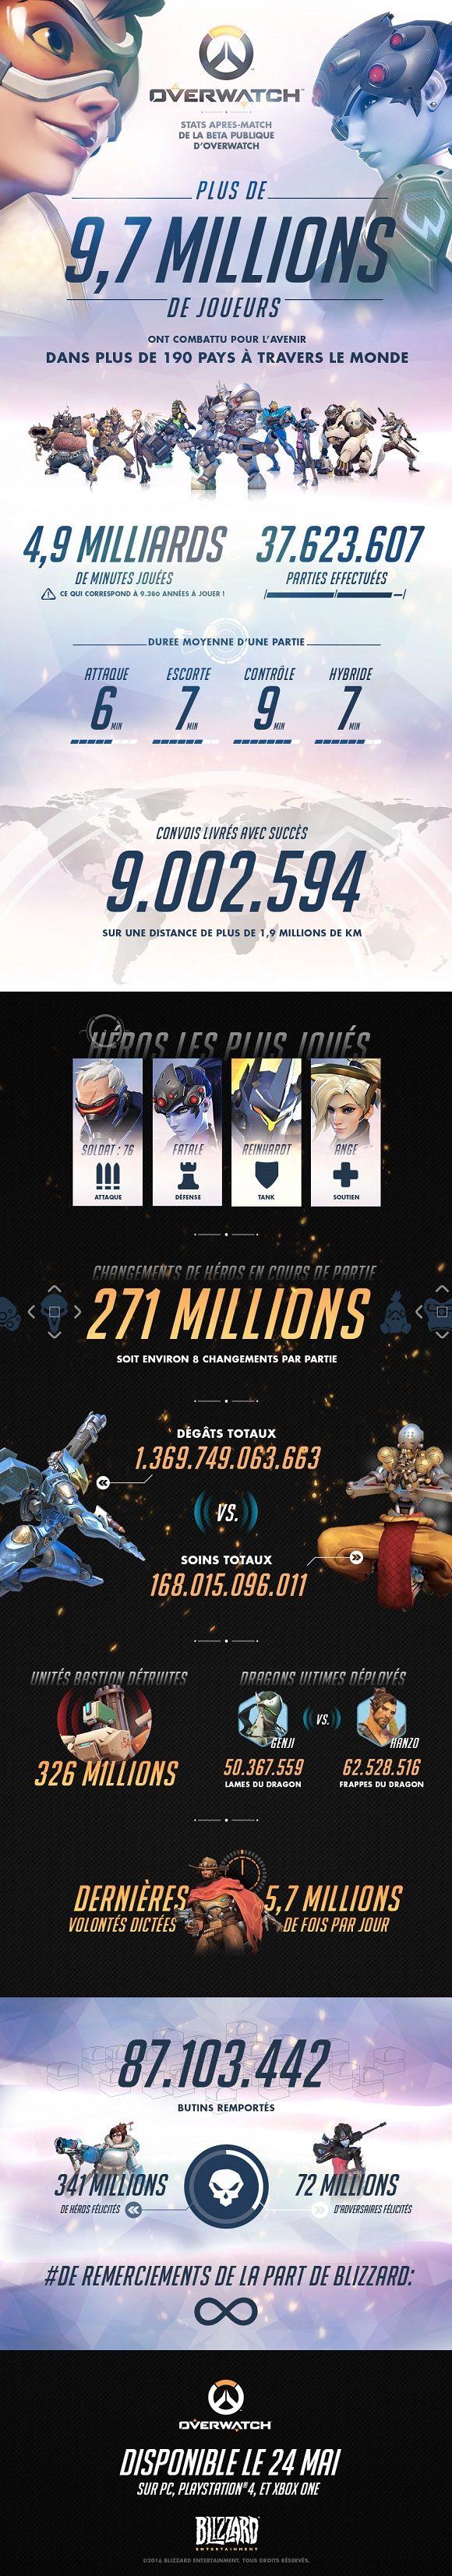 Overwatch : Infographie de la bêta - Overwatch